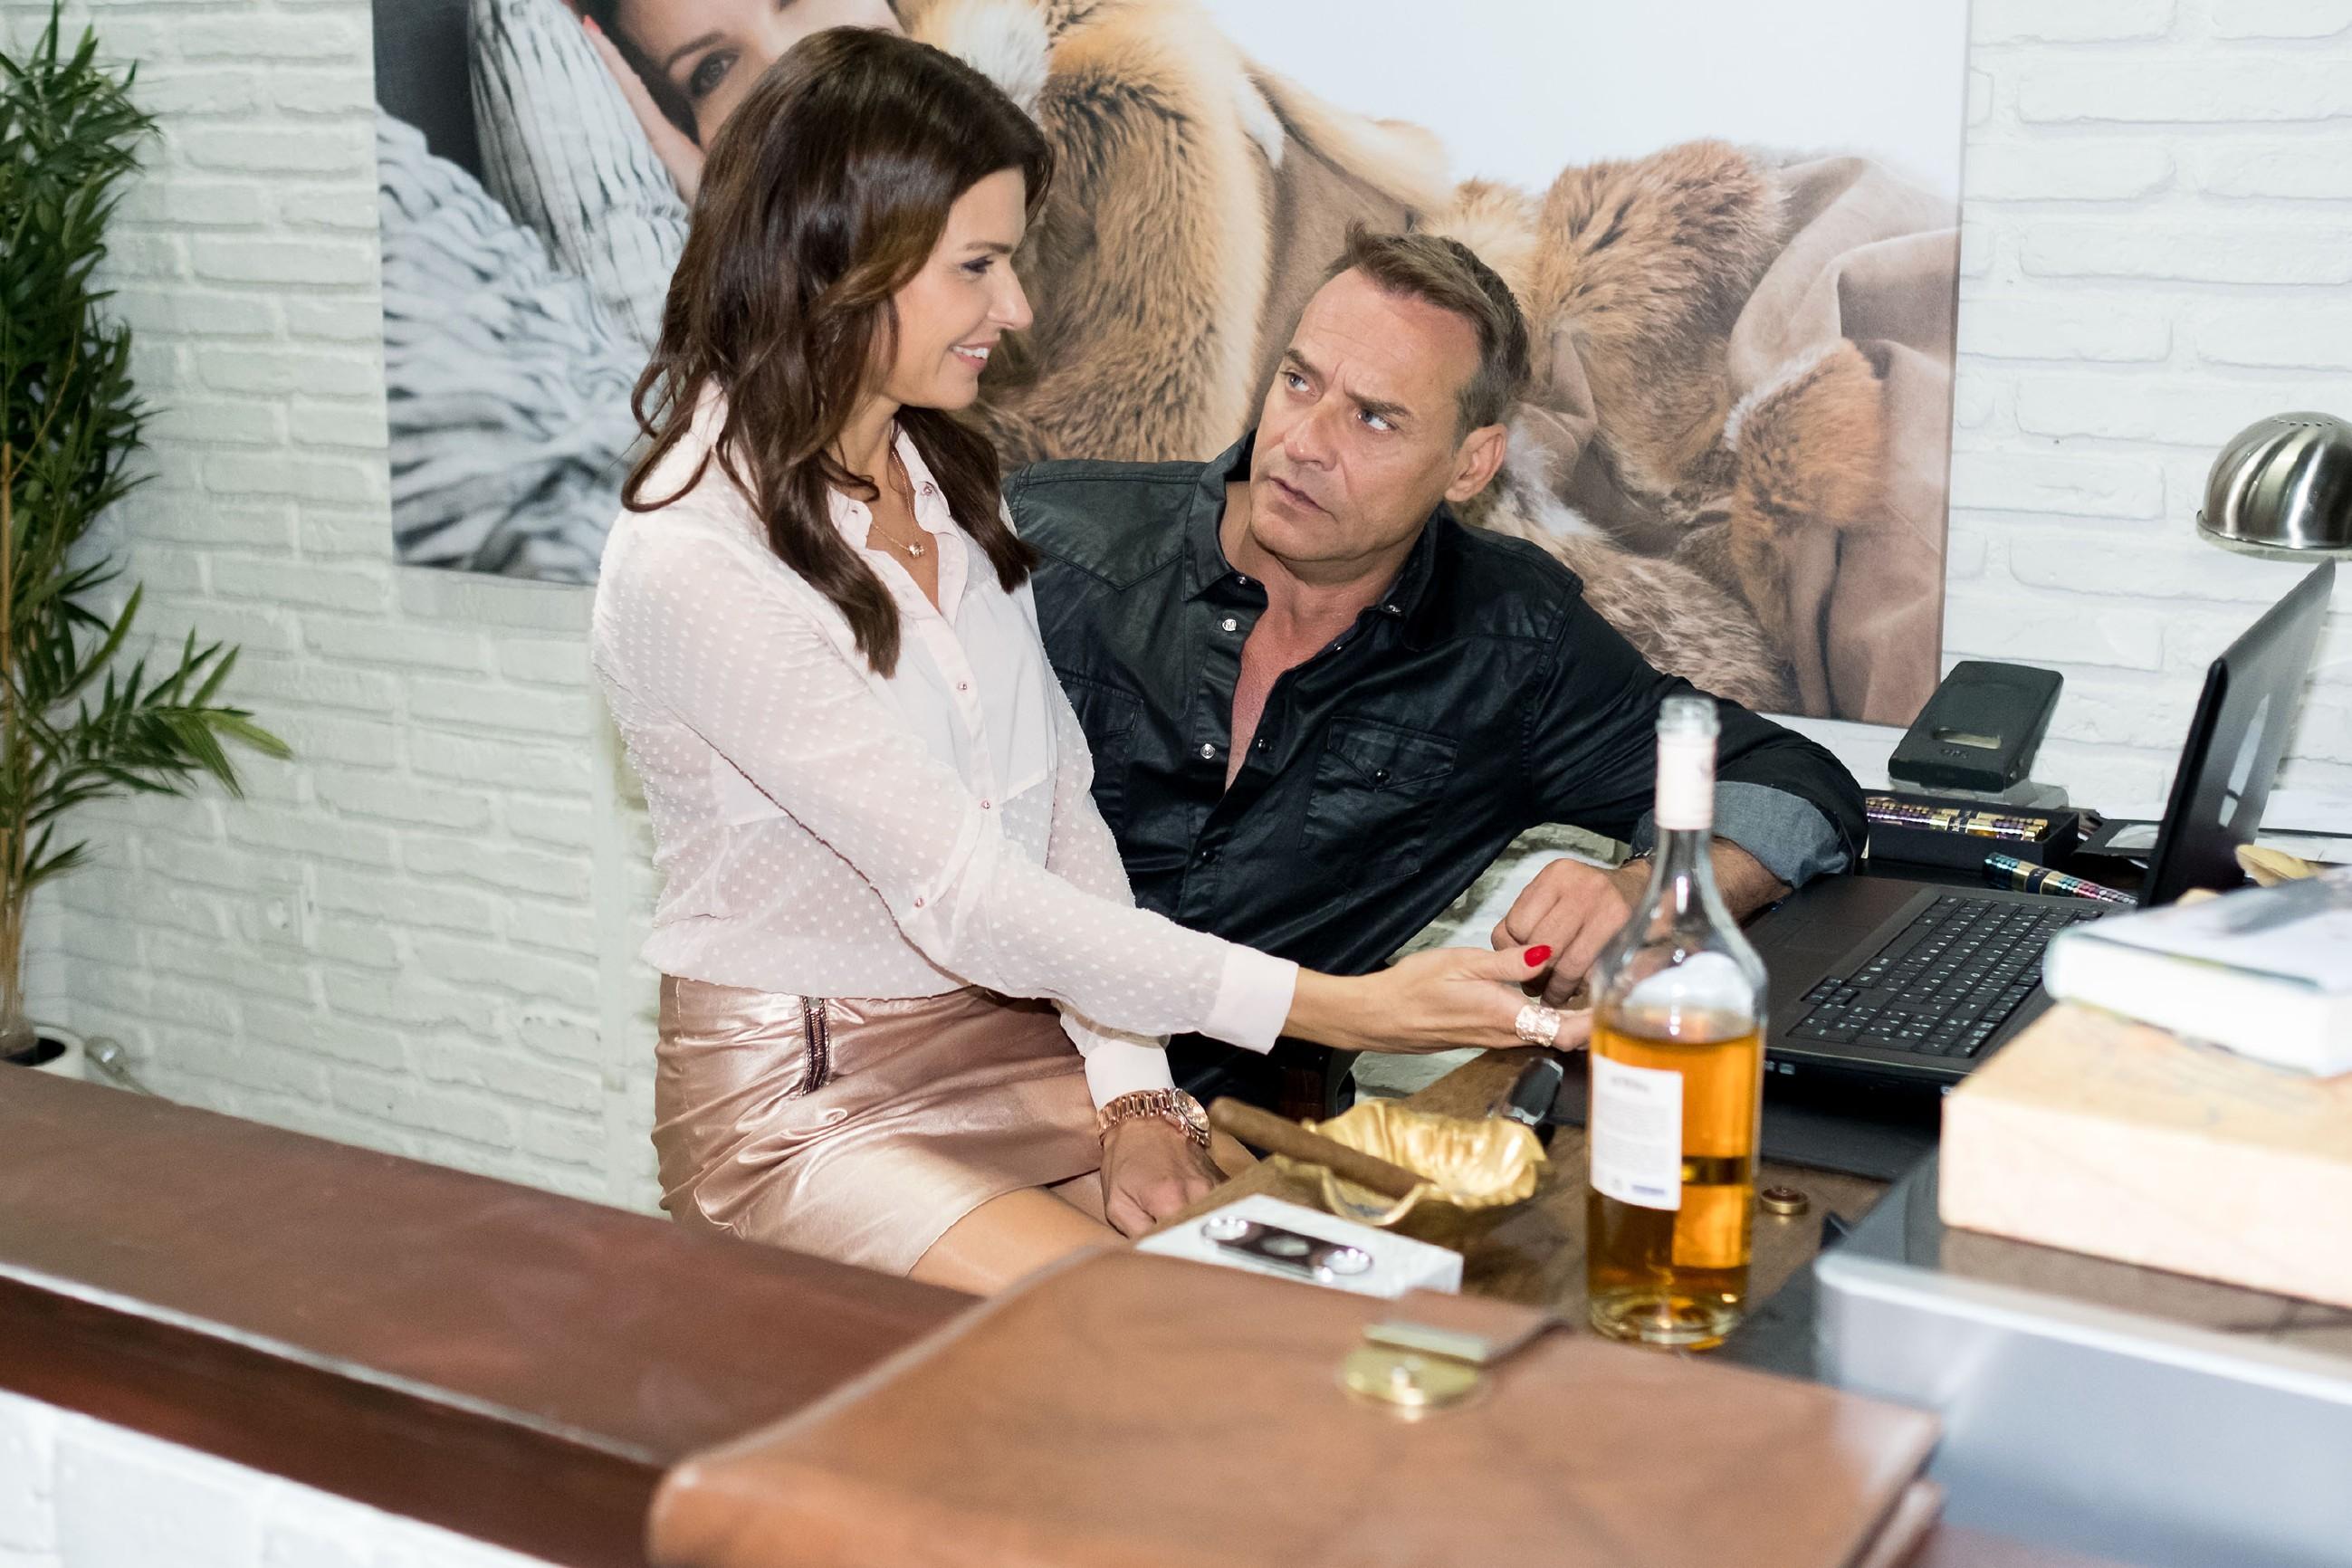 Als Rufus (Kai Noll) erfährt, dass Britta (Tabea Heynig) ihm mit unlauteren Mitteln helfen wollte, flippt er aus... (Quelle: RTL / Stefan Behrens)